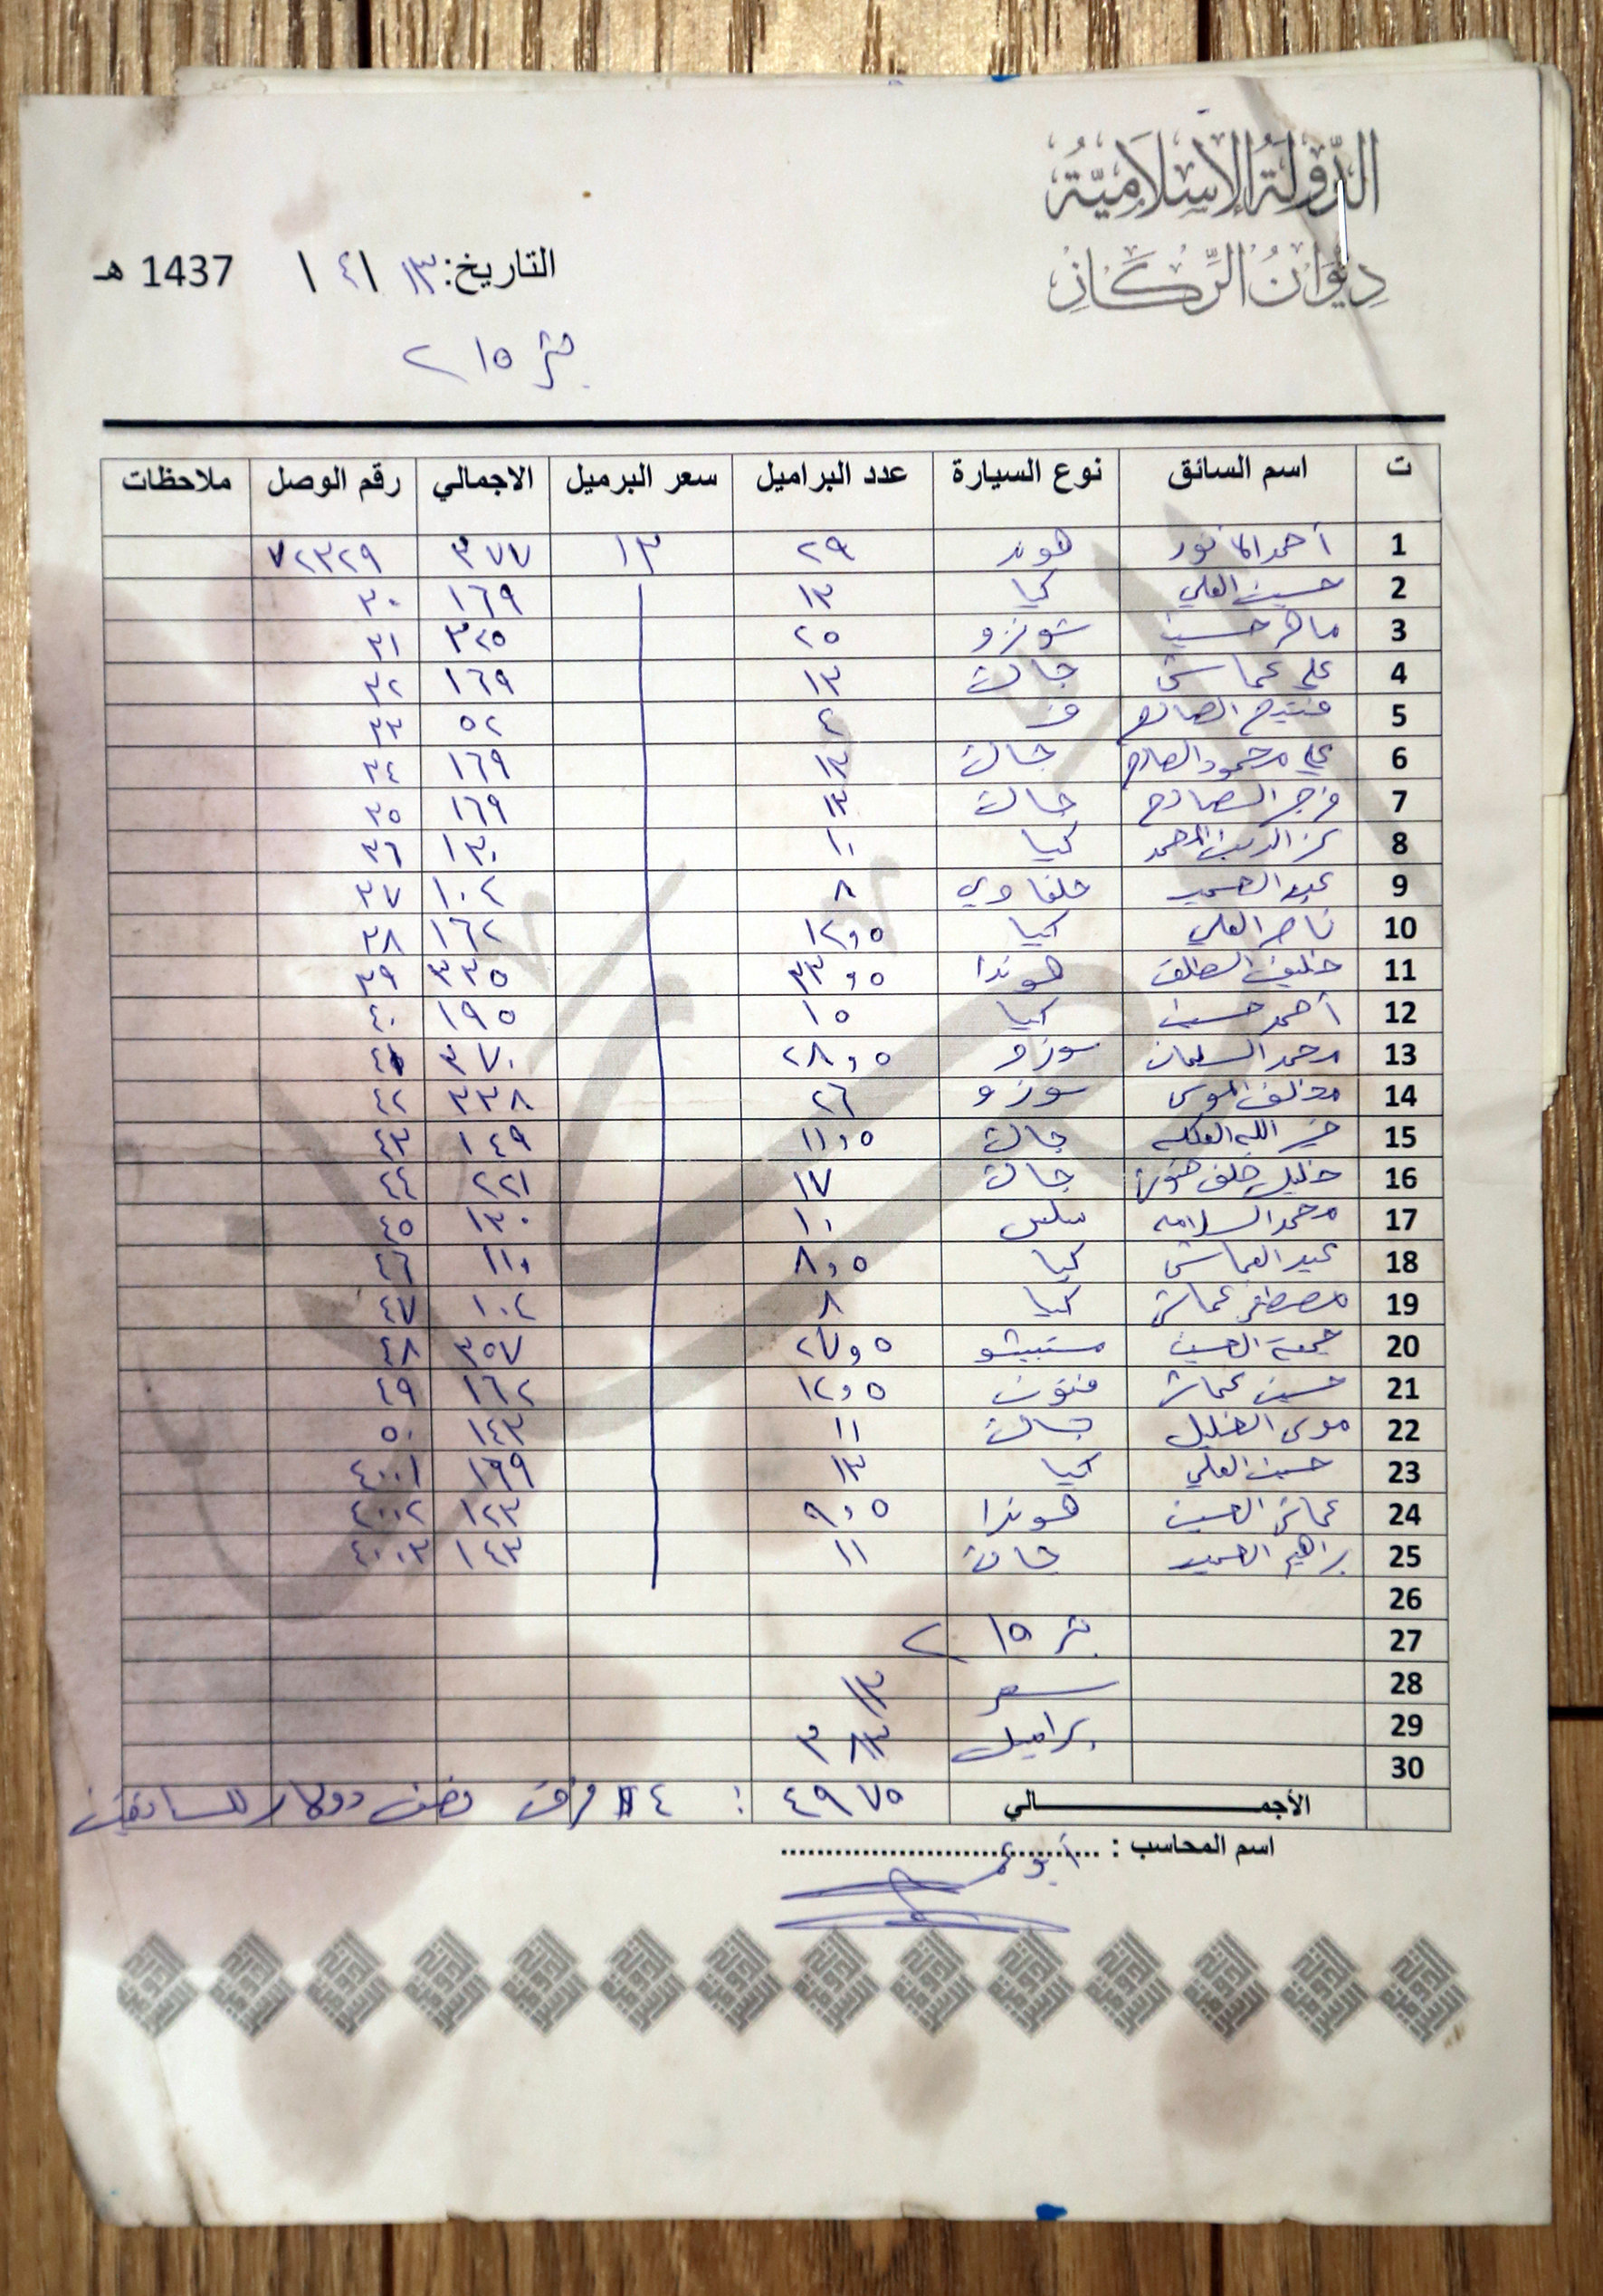 Un document sur la vente de pétrole brut issu du champ pétrolier de Kabiba